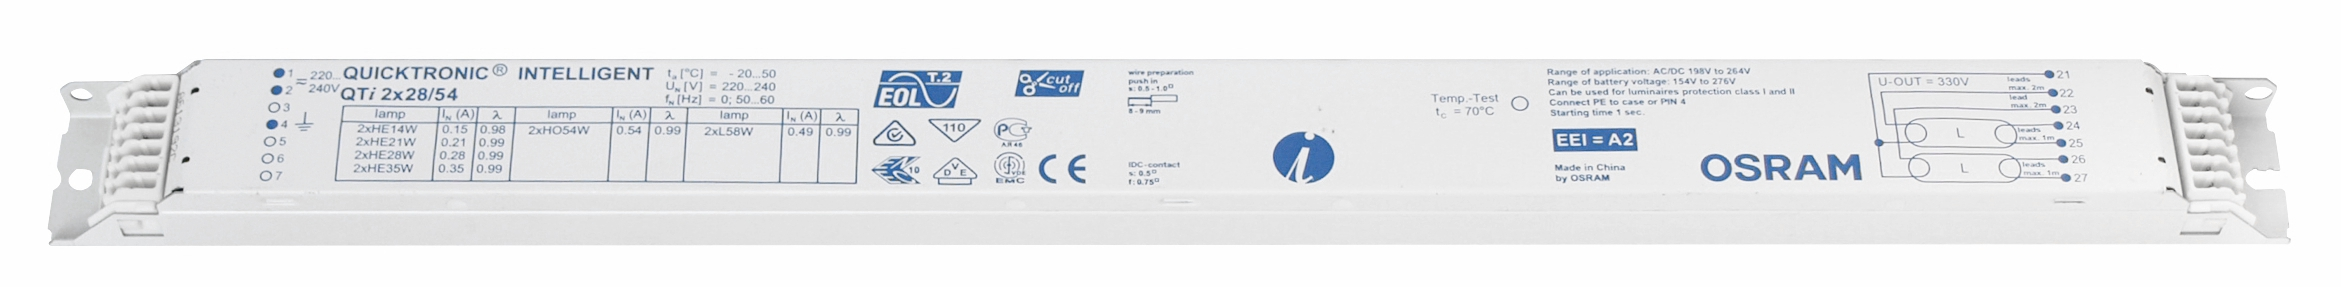 1 Stk EVG QTi 2x28/54/220-240 für T5 Multiwatt nicht dimmbar LI5Z797076